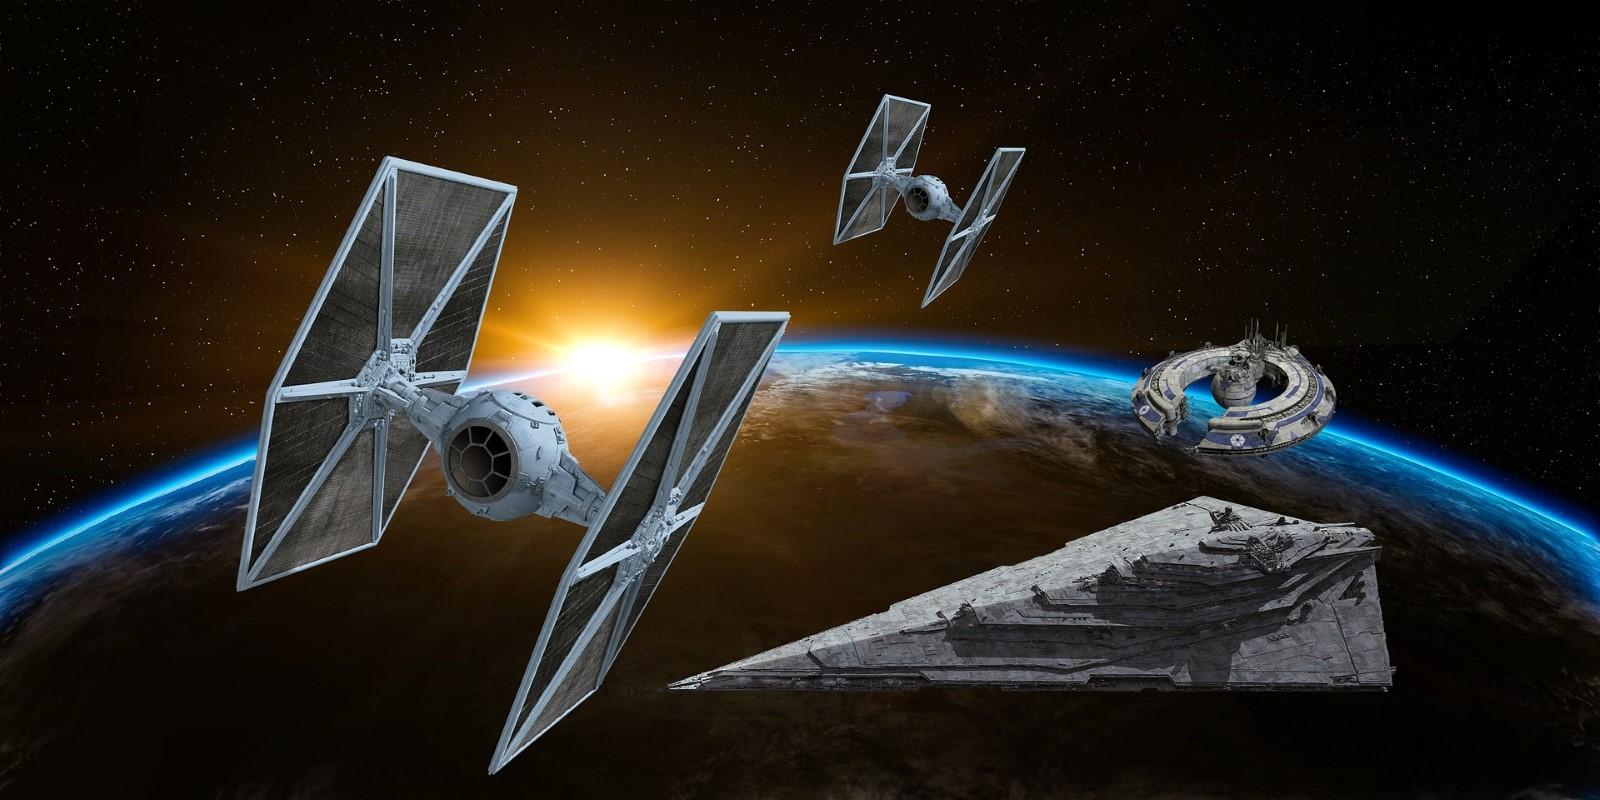 battaglia interstellare